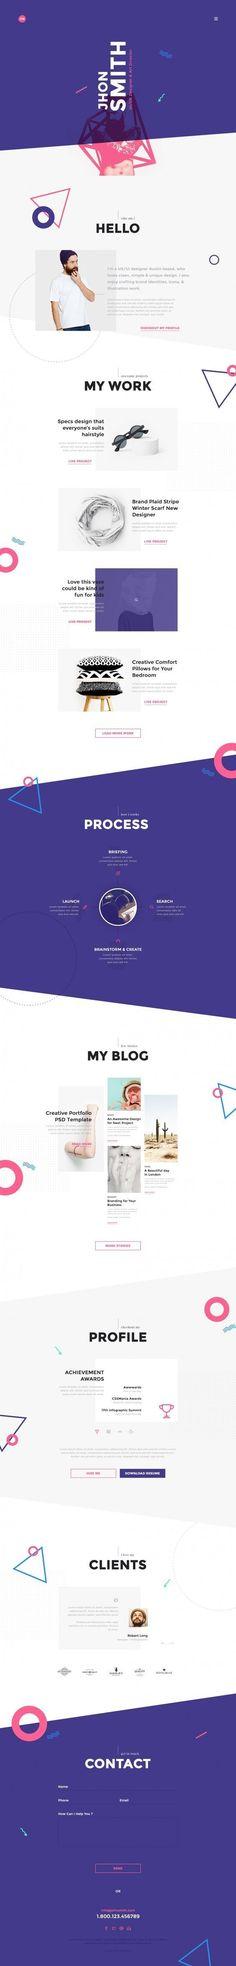 Me Creative Portfolio Web Design (Designer Unknown)  Latest News & Trends on #webdesign | http://webworksagency.com